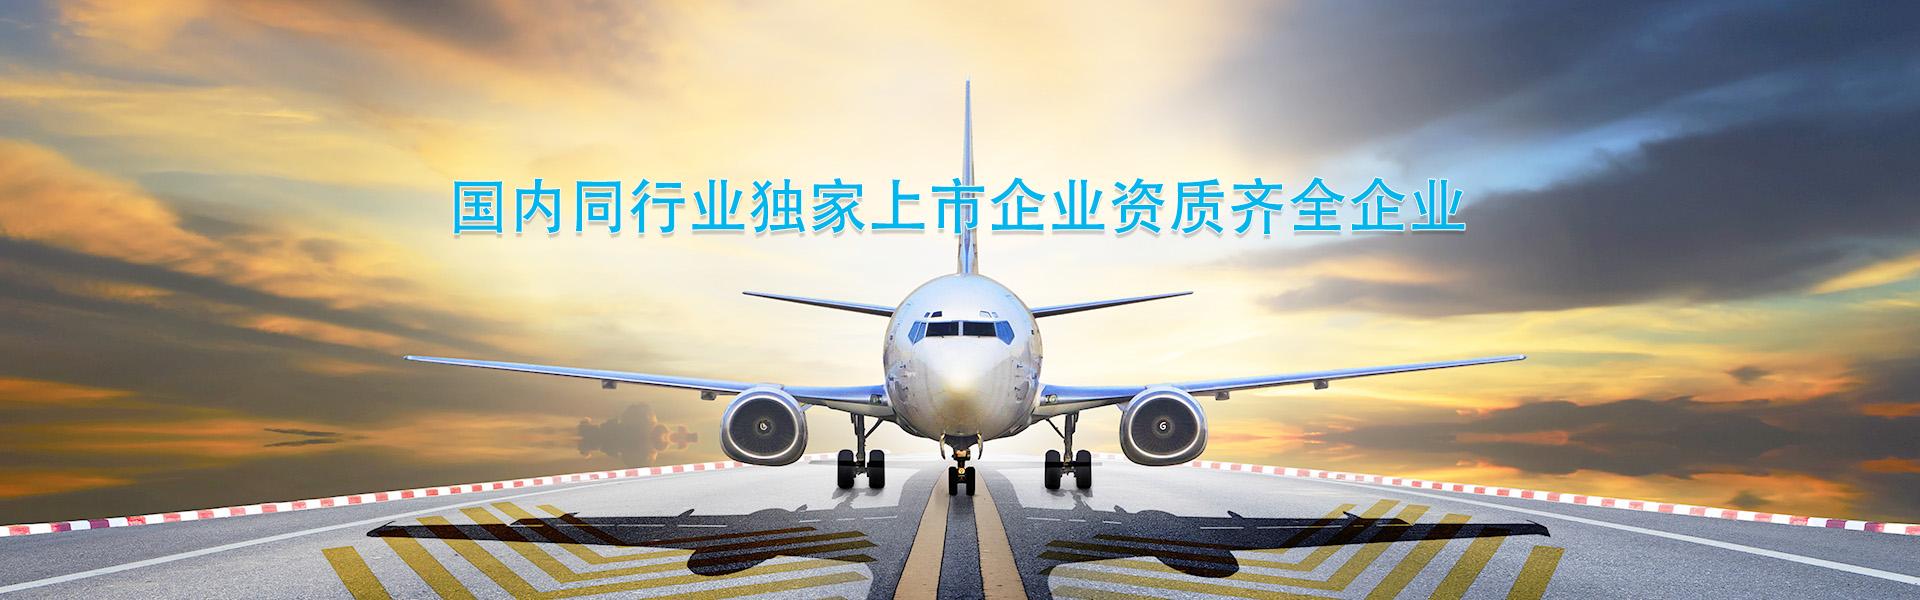 私人直升机停机坪造价,直升机停机坪设计建设,直升机停机坪厂家